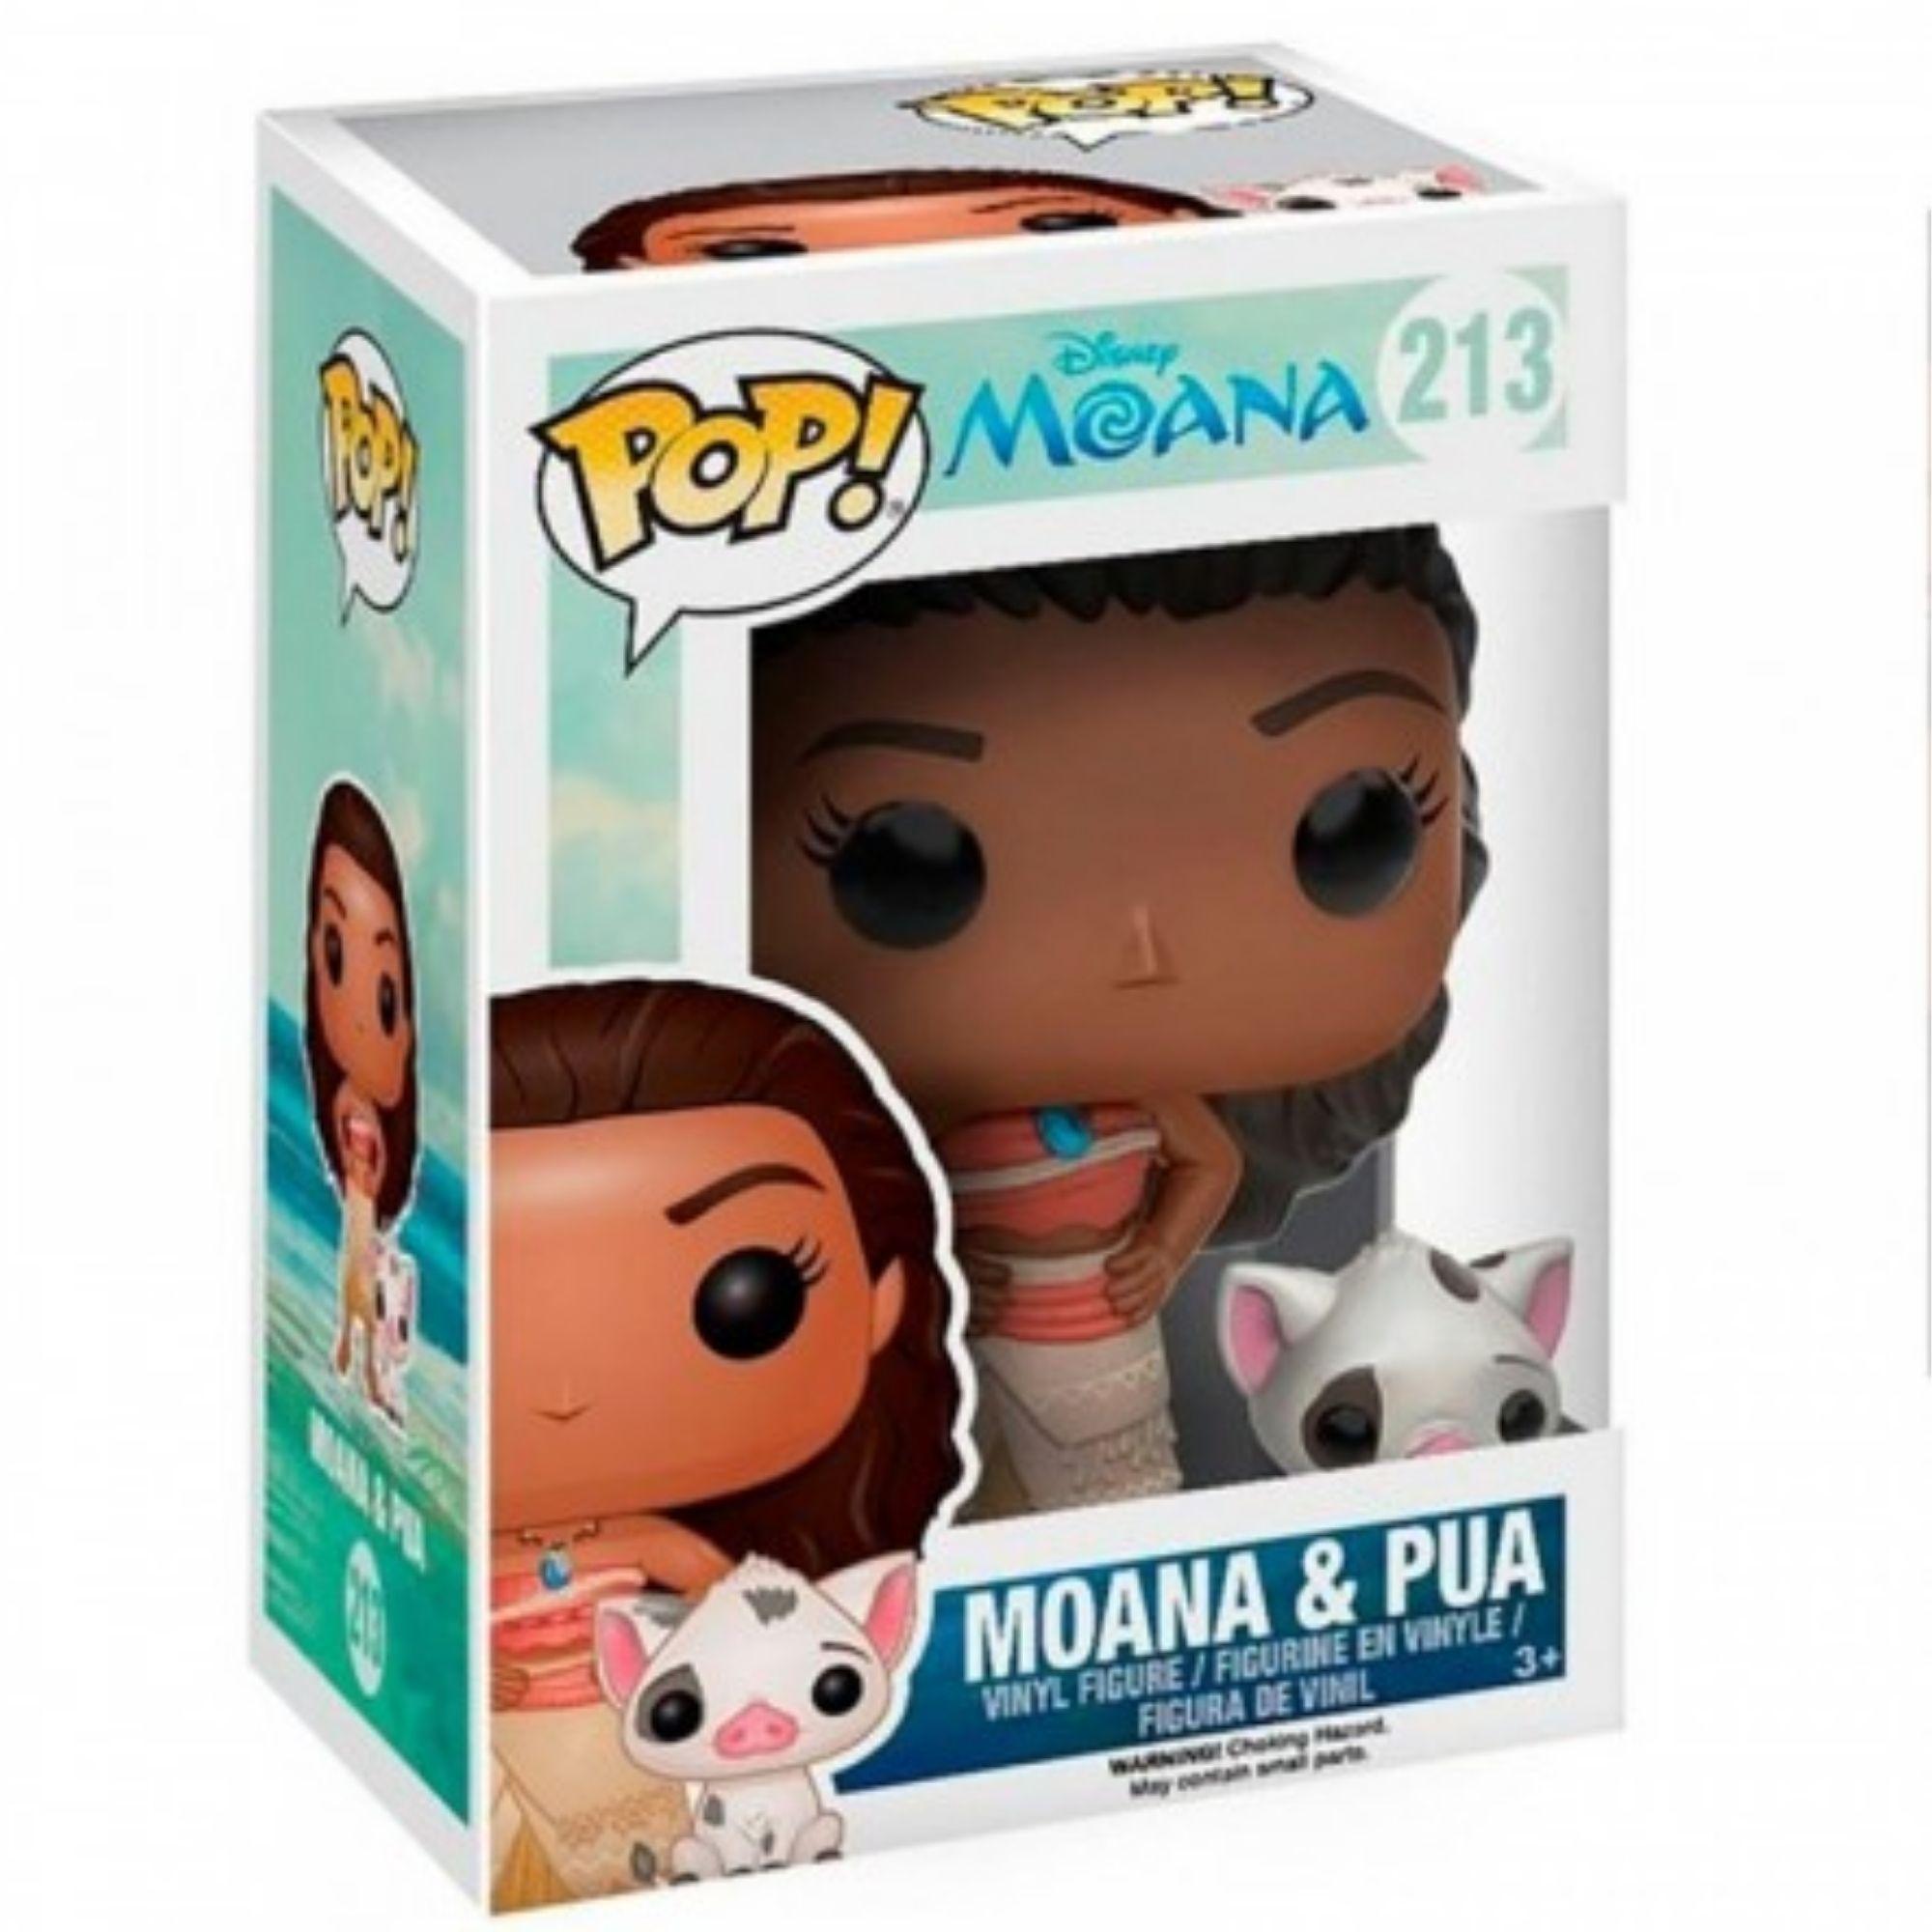 Funko Pop Disney Moana & Pua #213  - Game Land Brinquedos